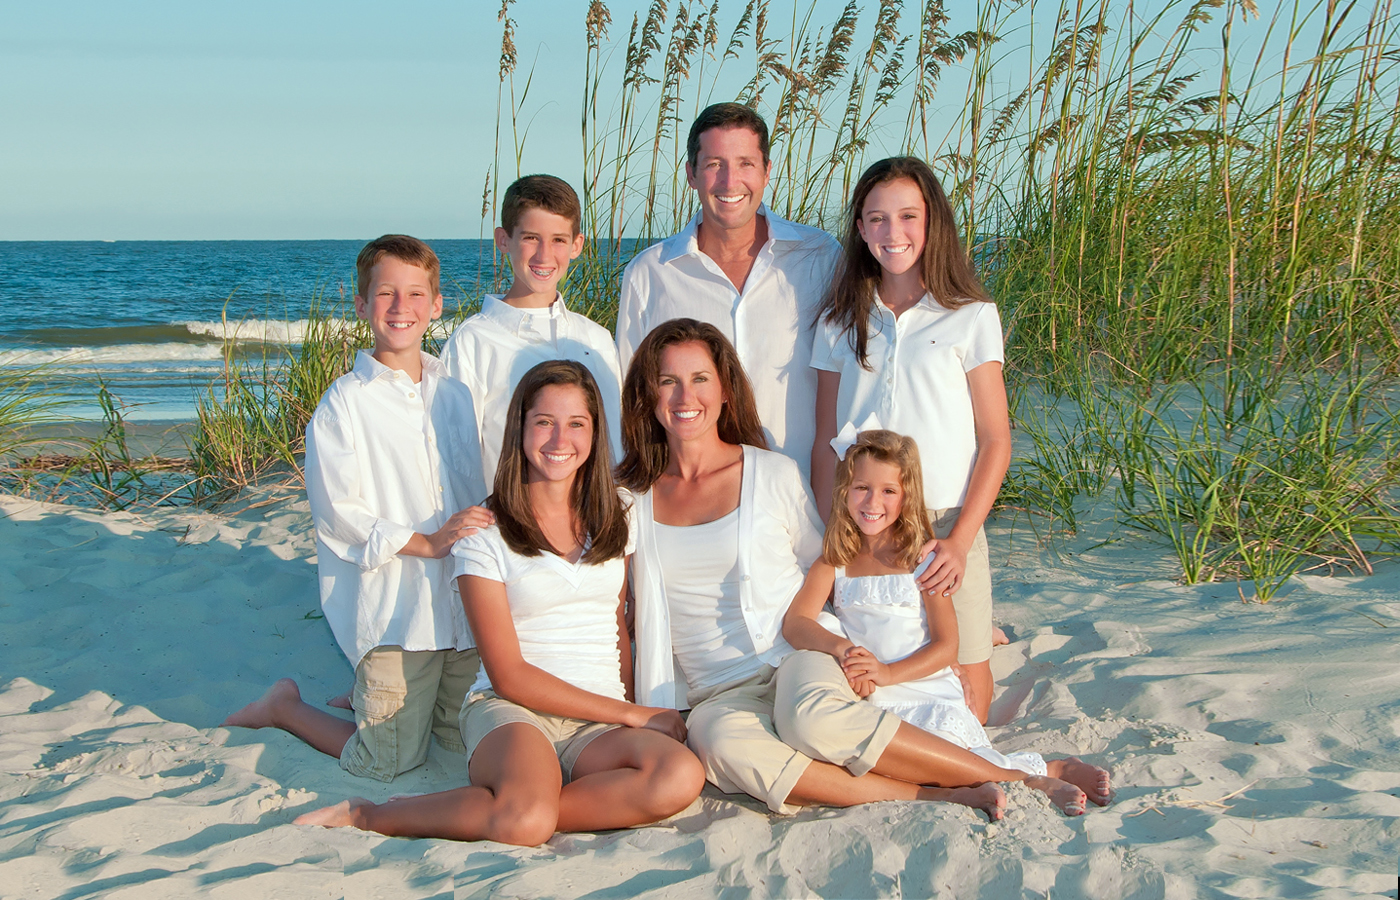 Family Beach Portraits By Hilton Head